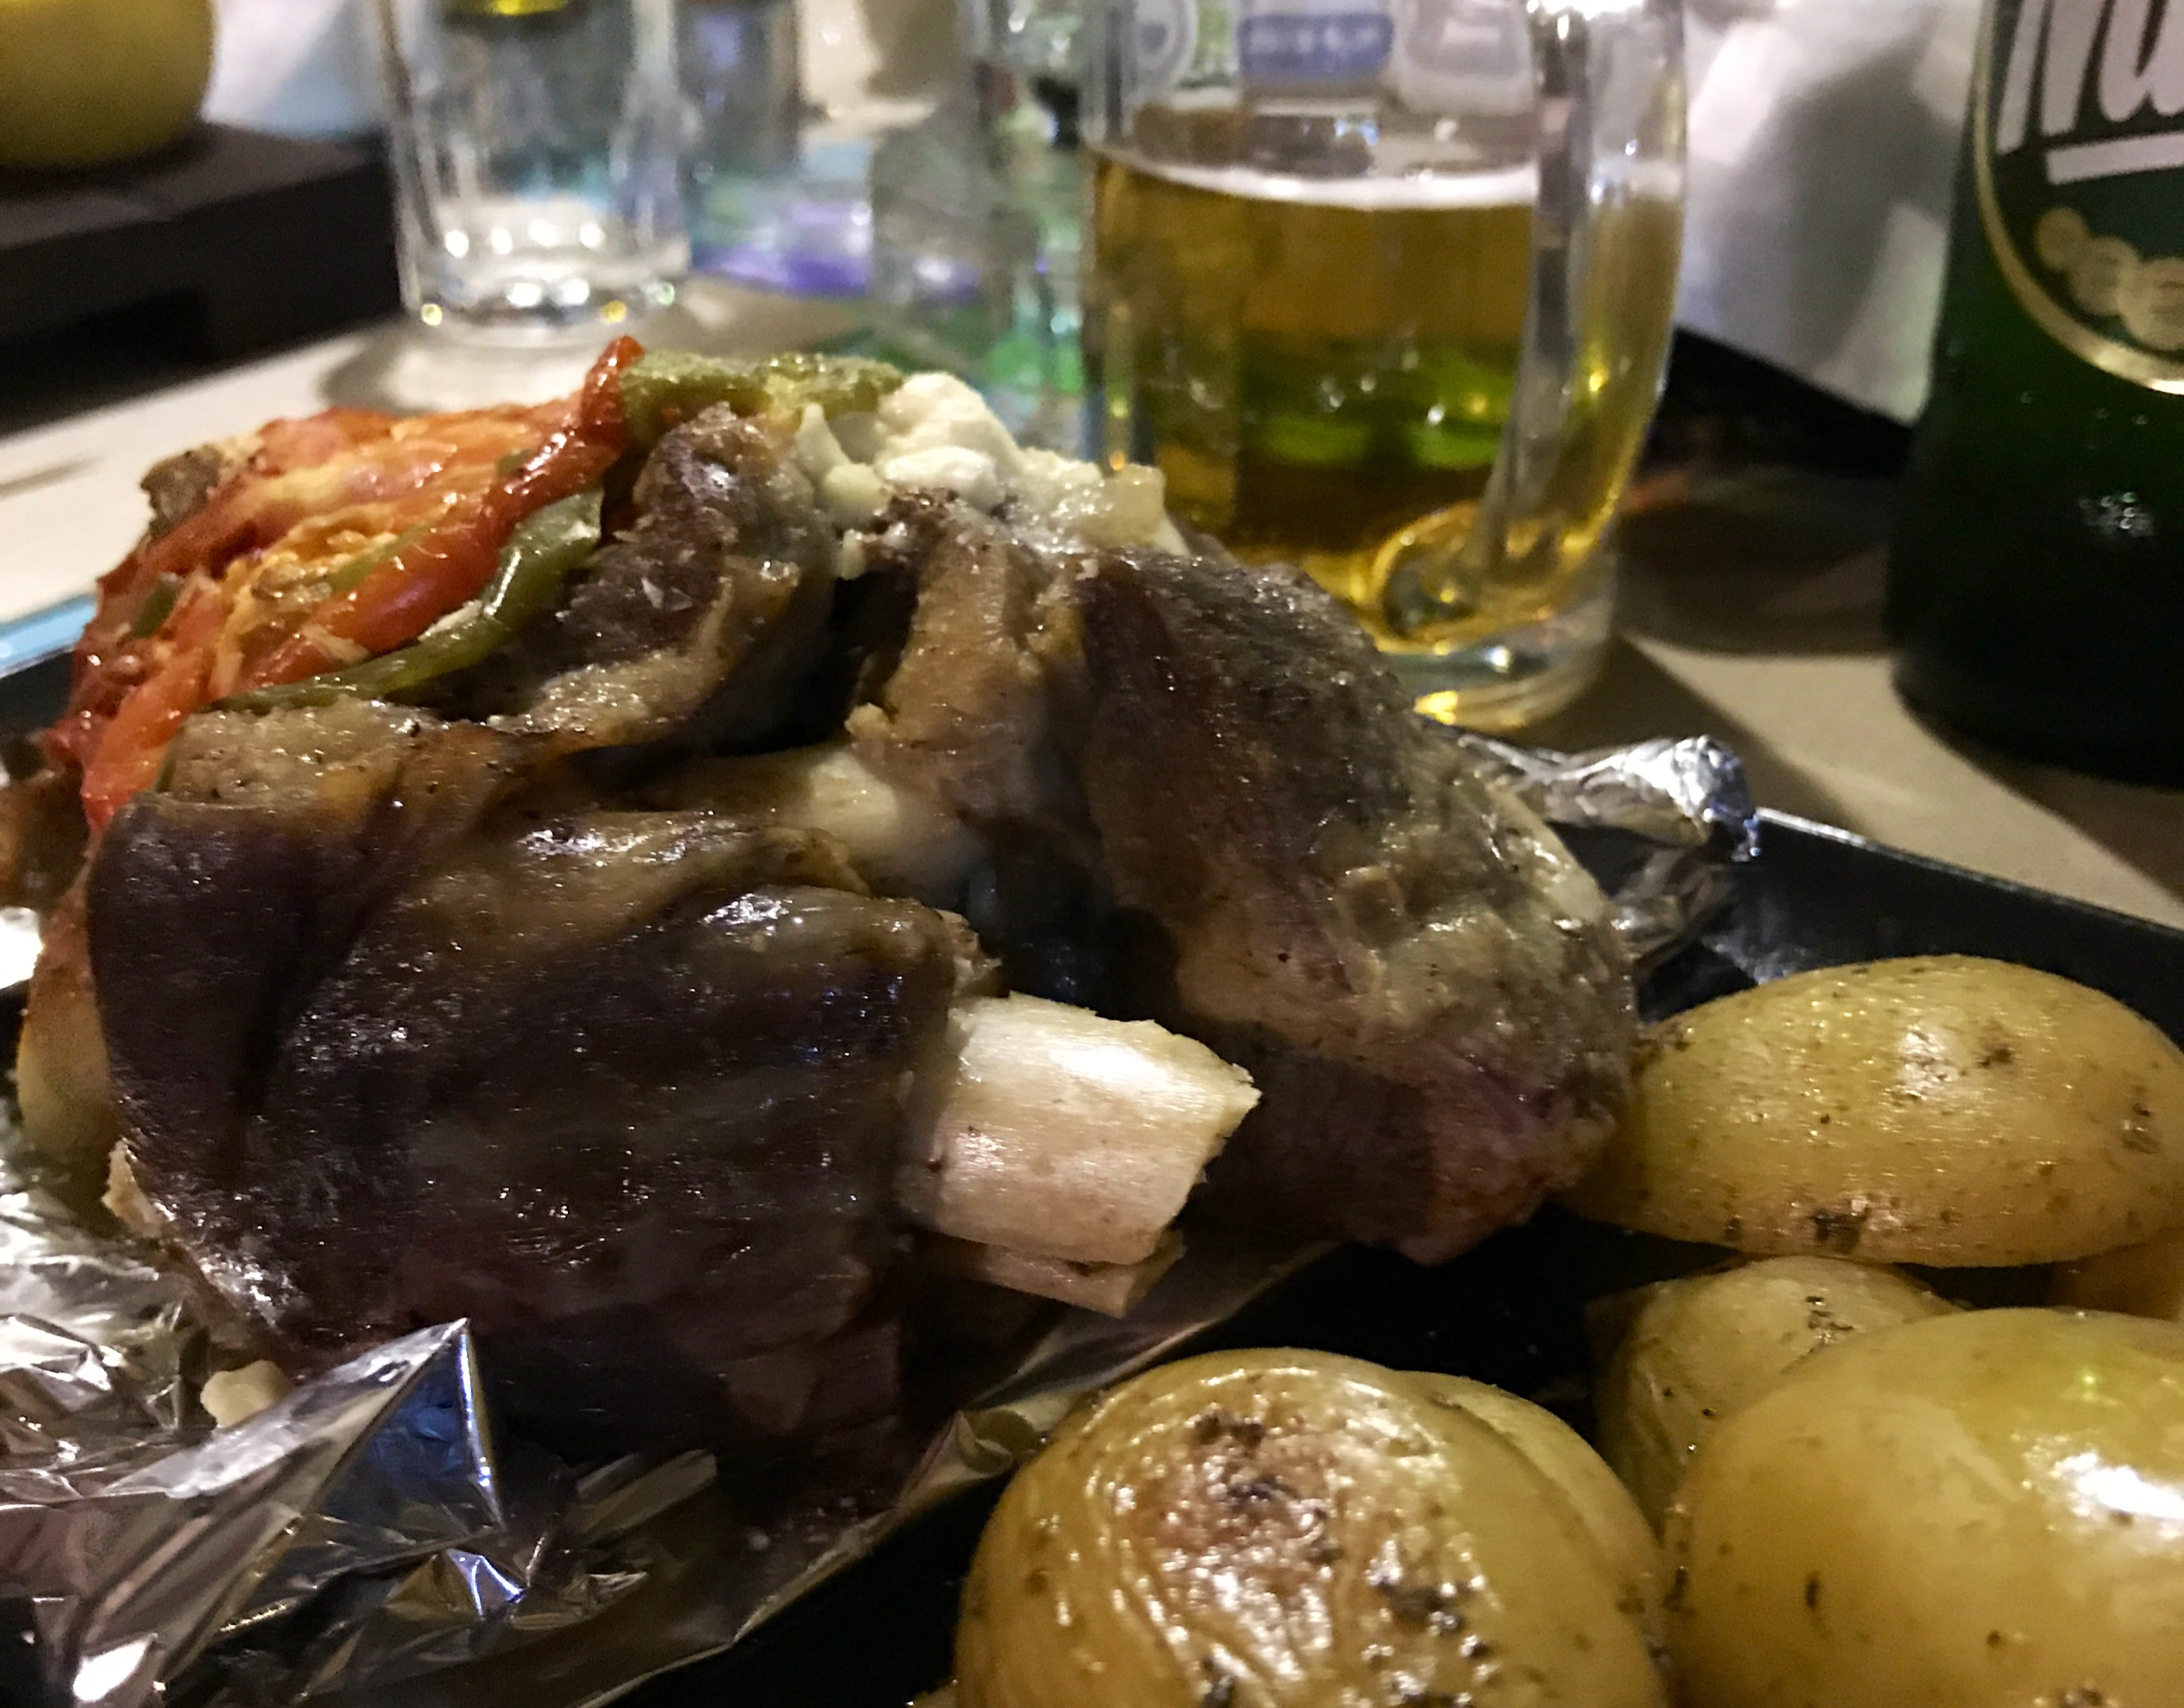 Et stort kjøttstykke på sølvpapir. I forgrunnen småpoteter og et glass med øl i bakgrunnen